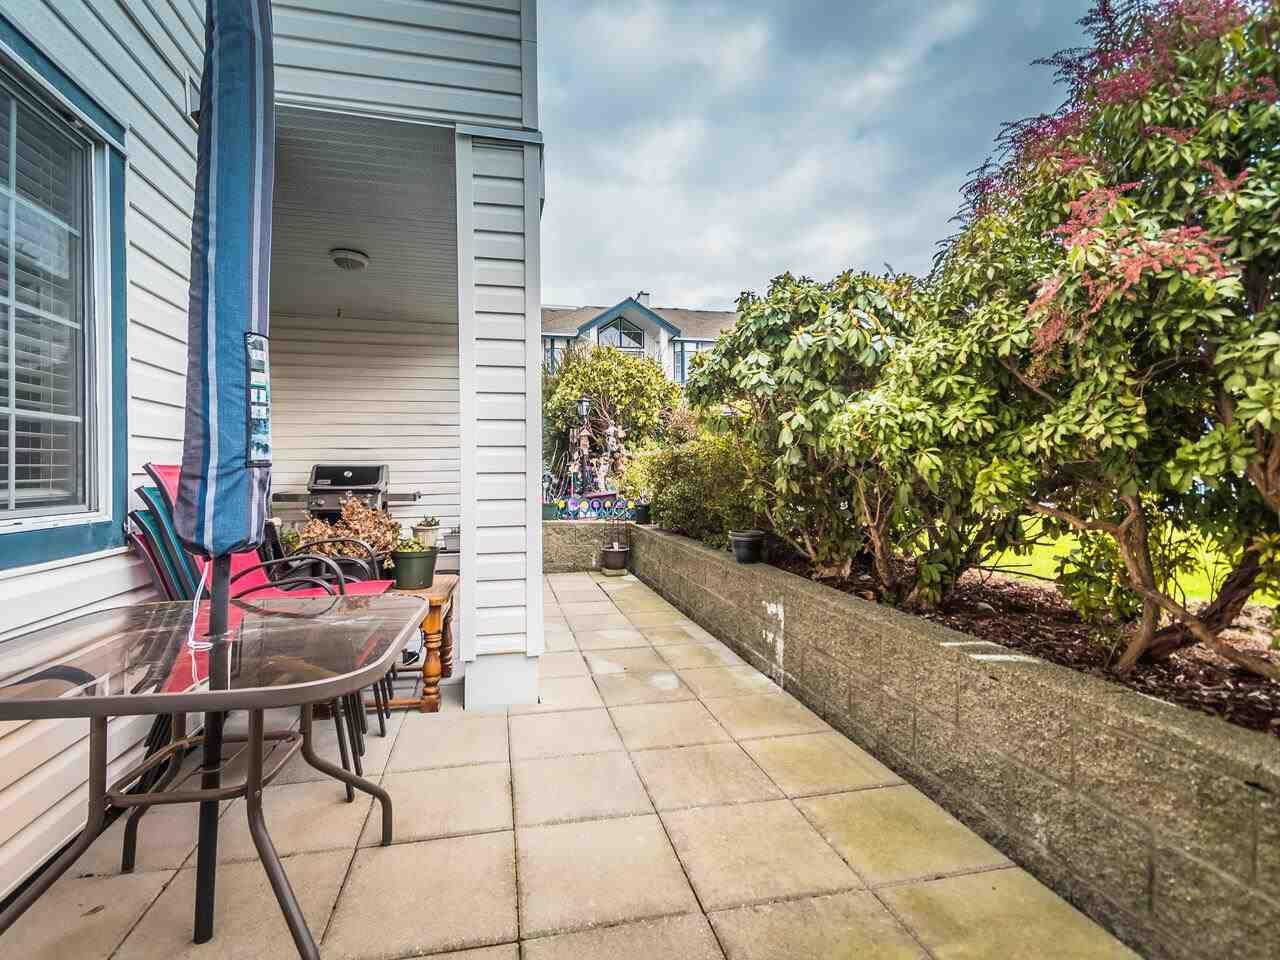 Photo 21: Photos: 108 13918 72 Avenue in Surrey: East Newton Condo for sale : MLS®# R2538723